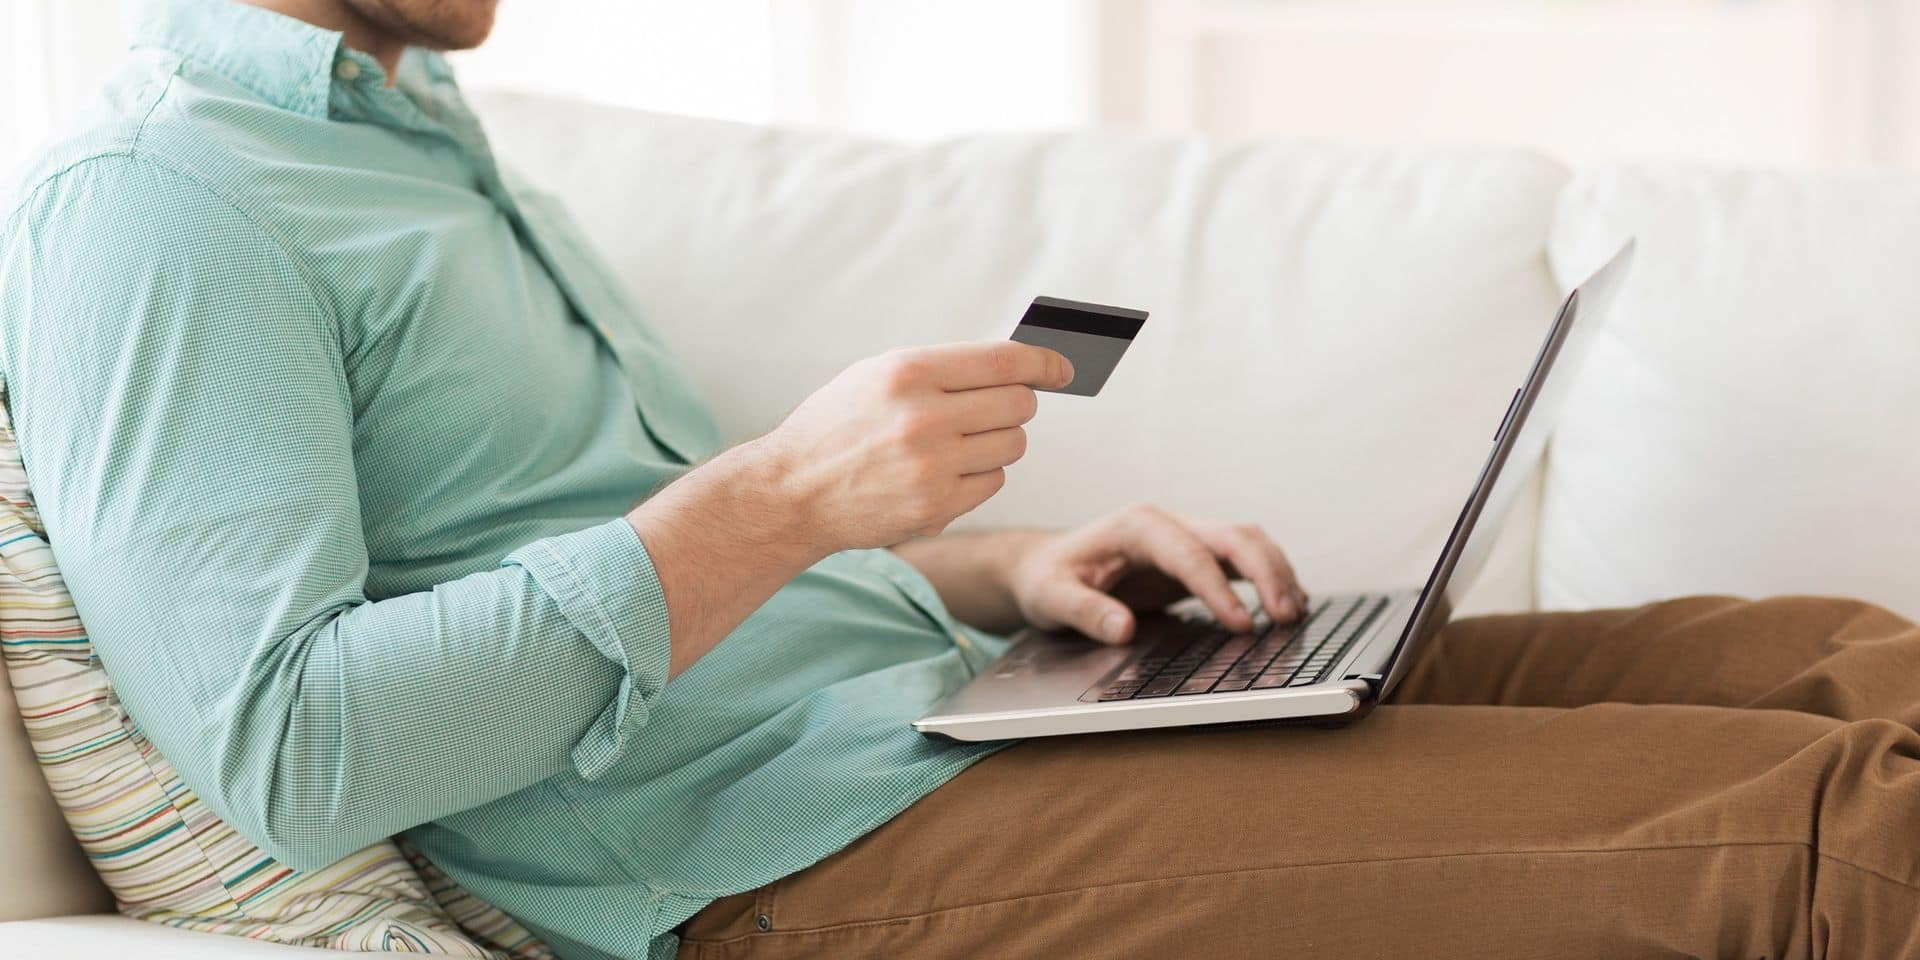 Le Belge a acheté un tiers de produits en plus en ligne durant la crise du coronavirus